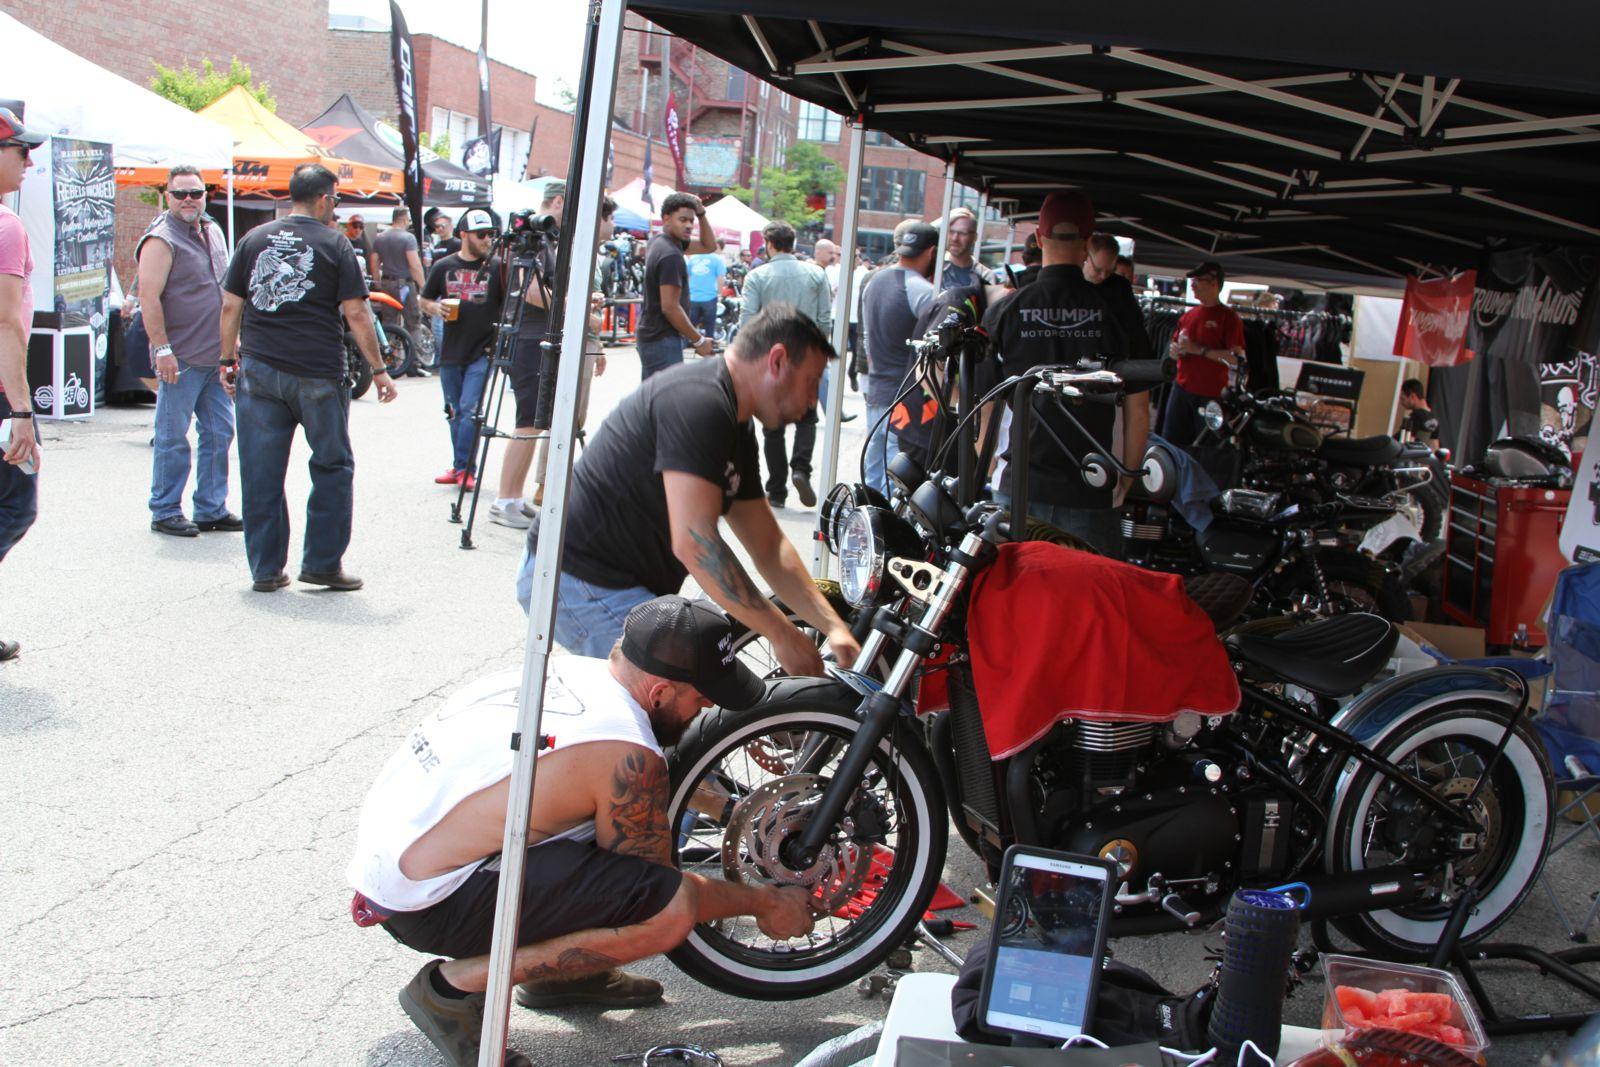 MOTOBLOT Chicago event booths